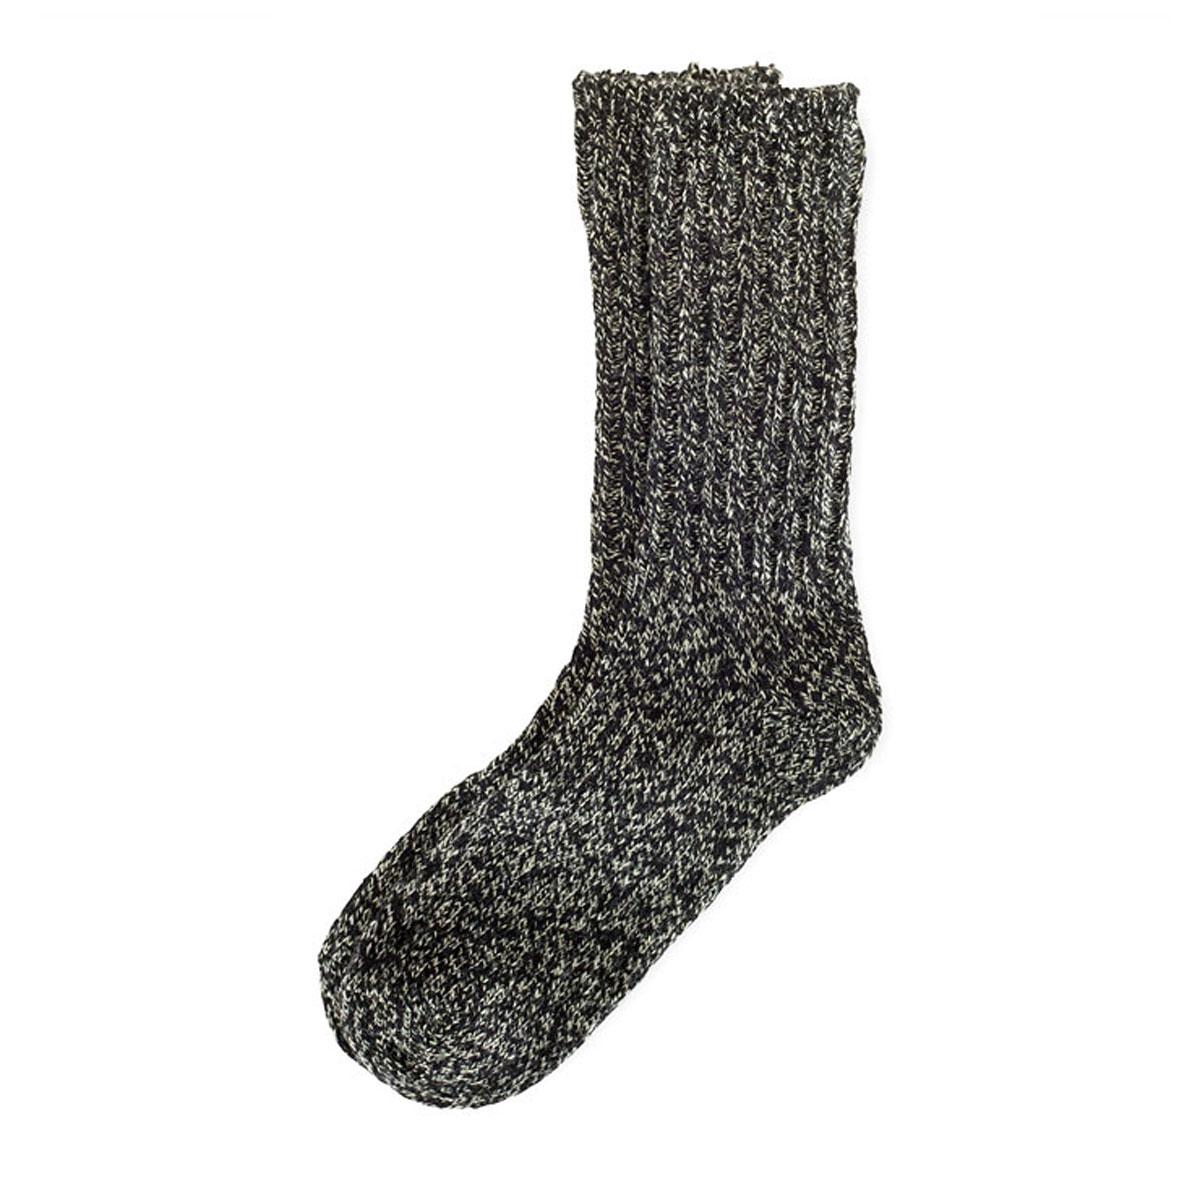 ポロラルフローレン POLO RALPH LAUREN 正規品 靴下 ソックス WOOL-BLEND HIKING SOCKS